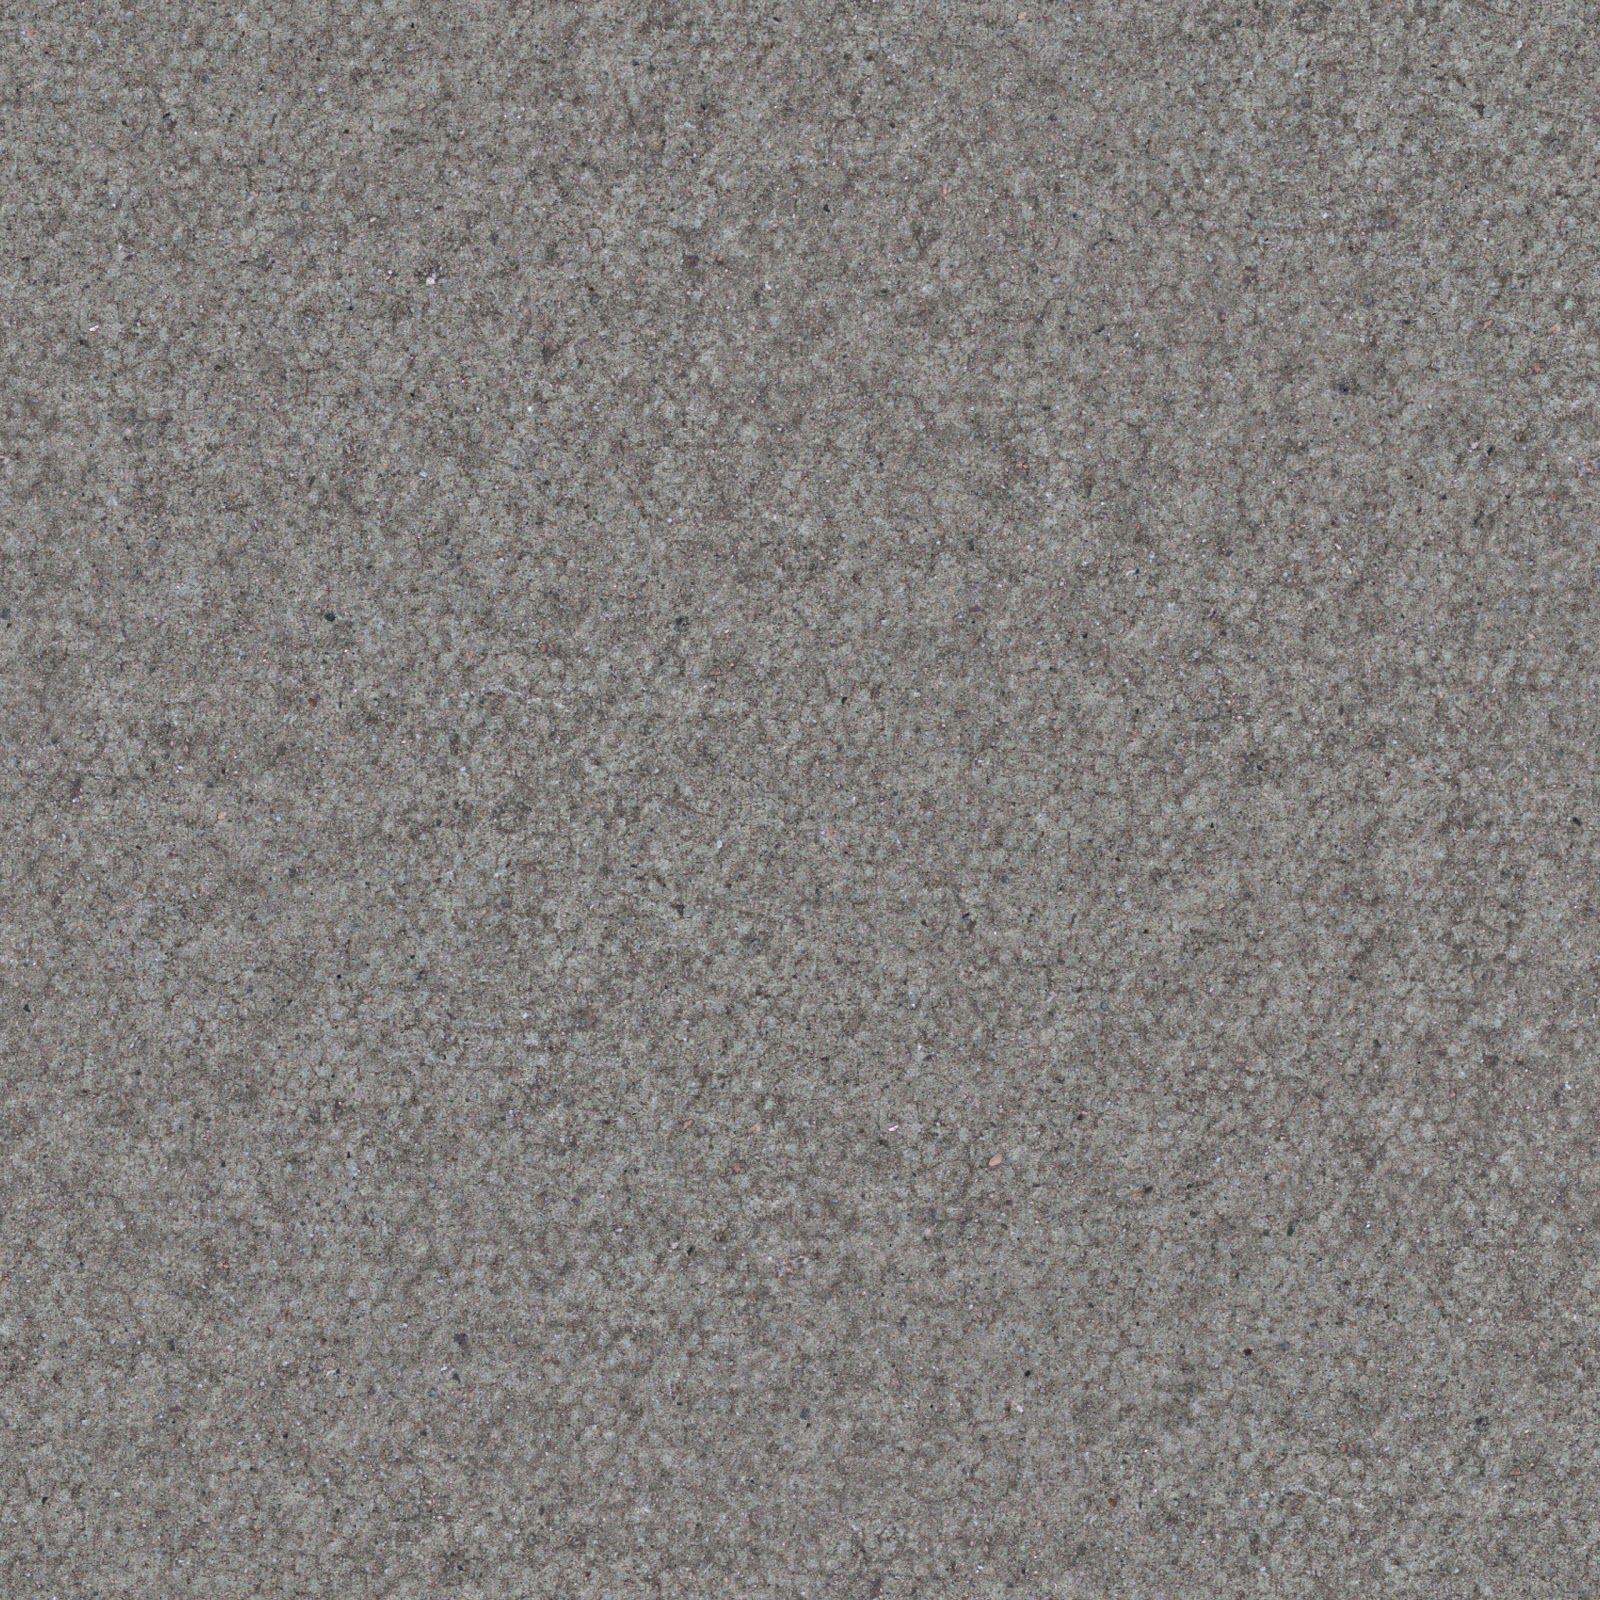 Concrete 5 Tile Ground Floor Walkway Pathway Texture